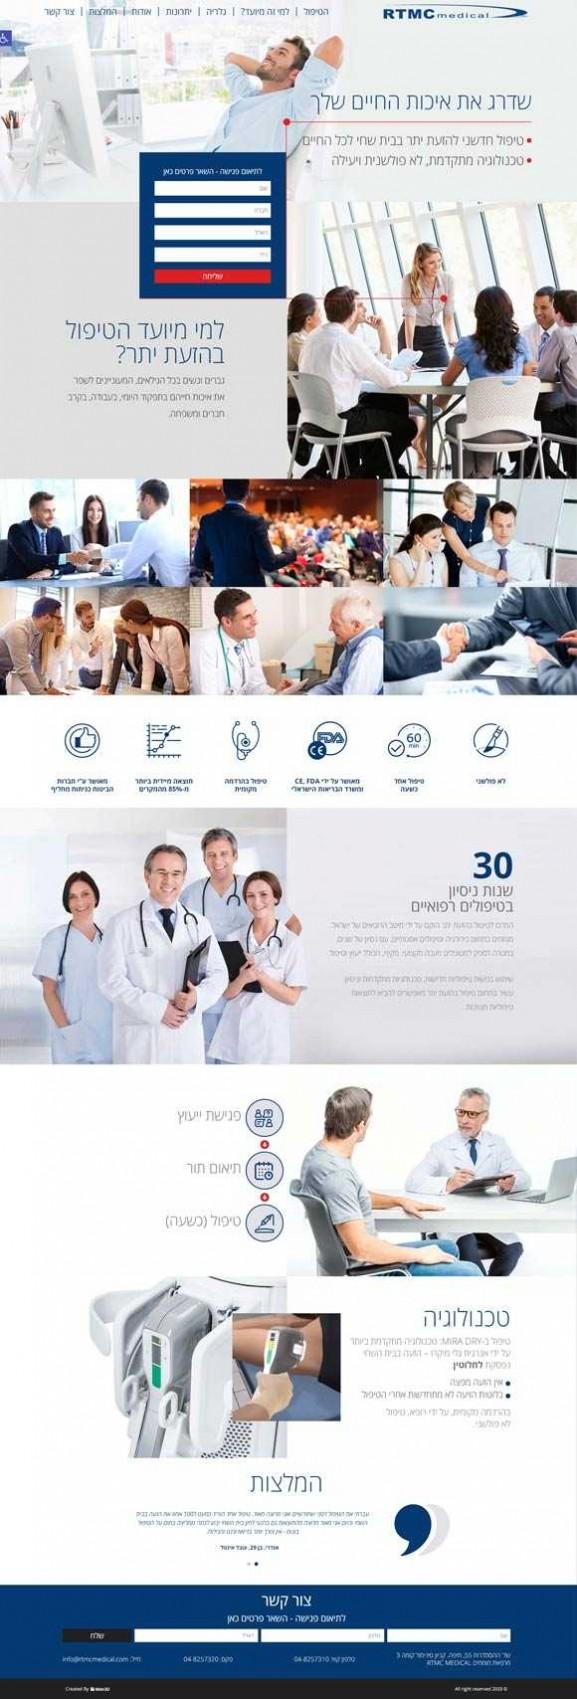 פיתוח מיניסייט, rtmc medical